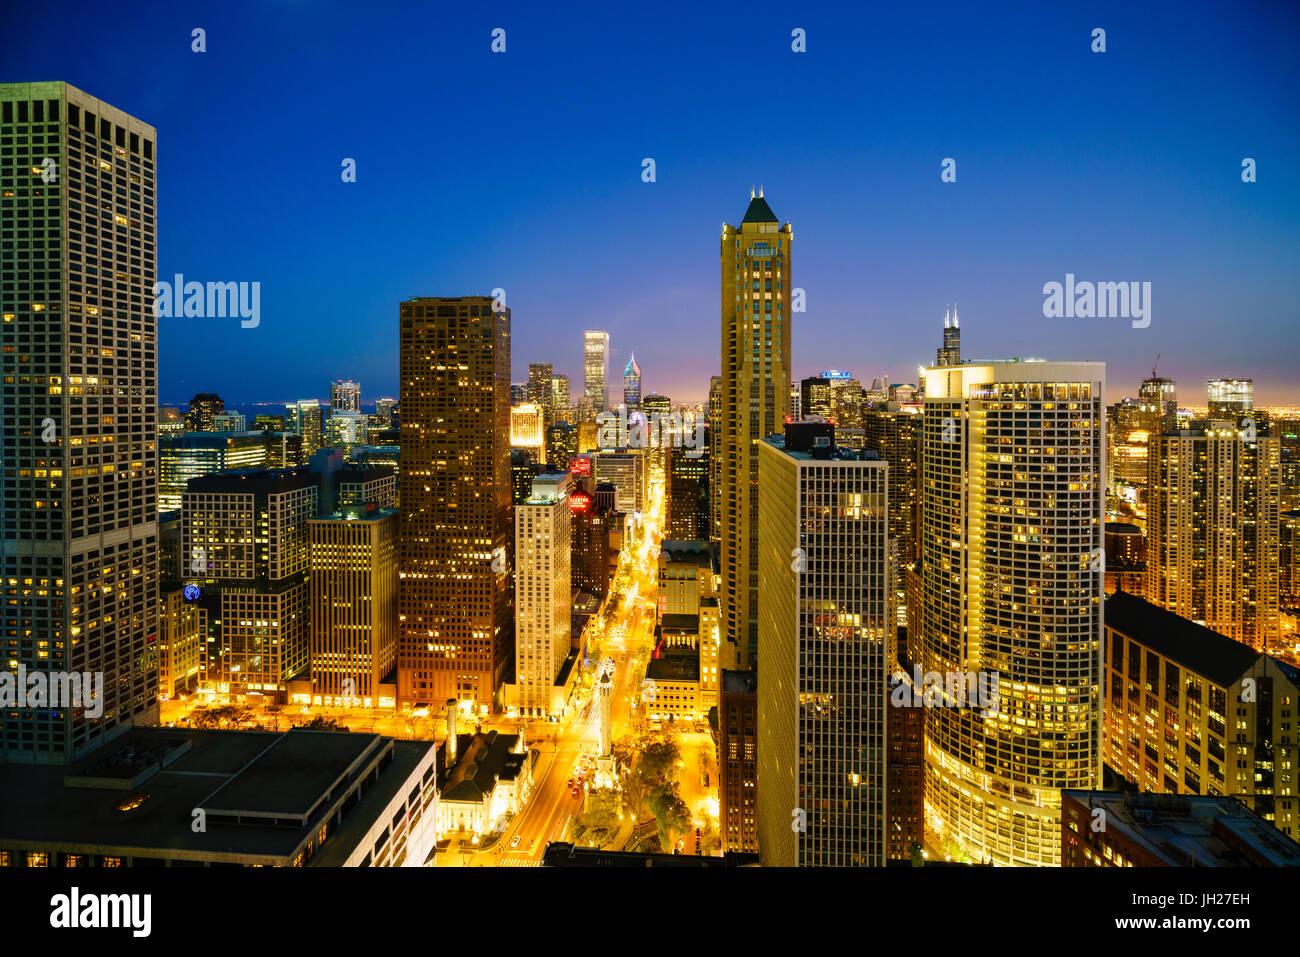 El horizonte de la ciudad por la noche, Chicago, Illinois, Estados Unidos de América, América del Norte Imagen De Stock